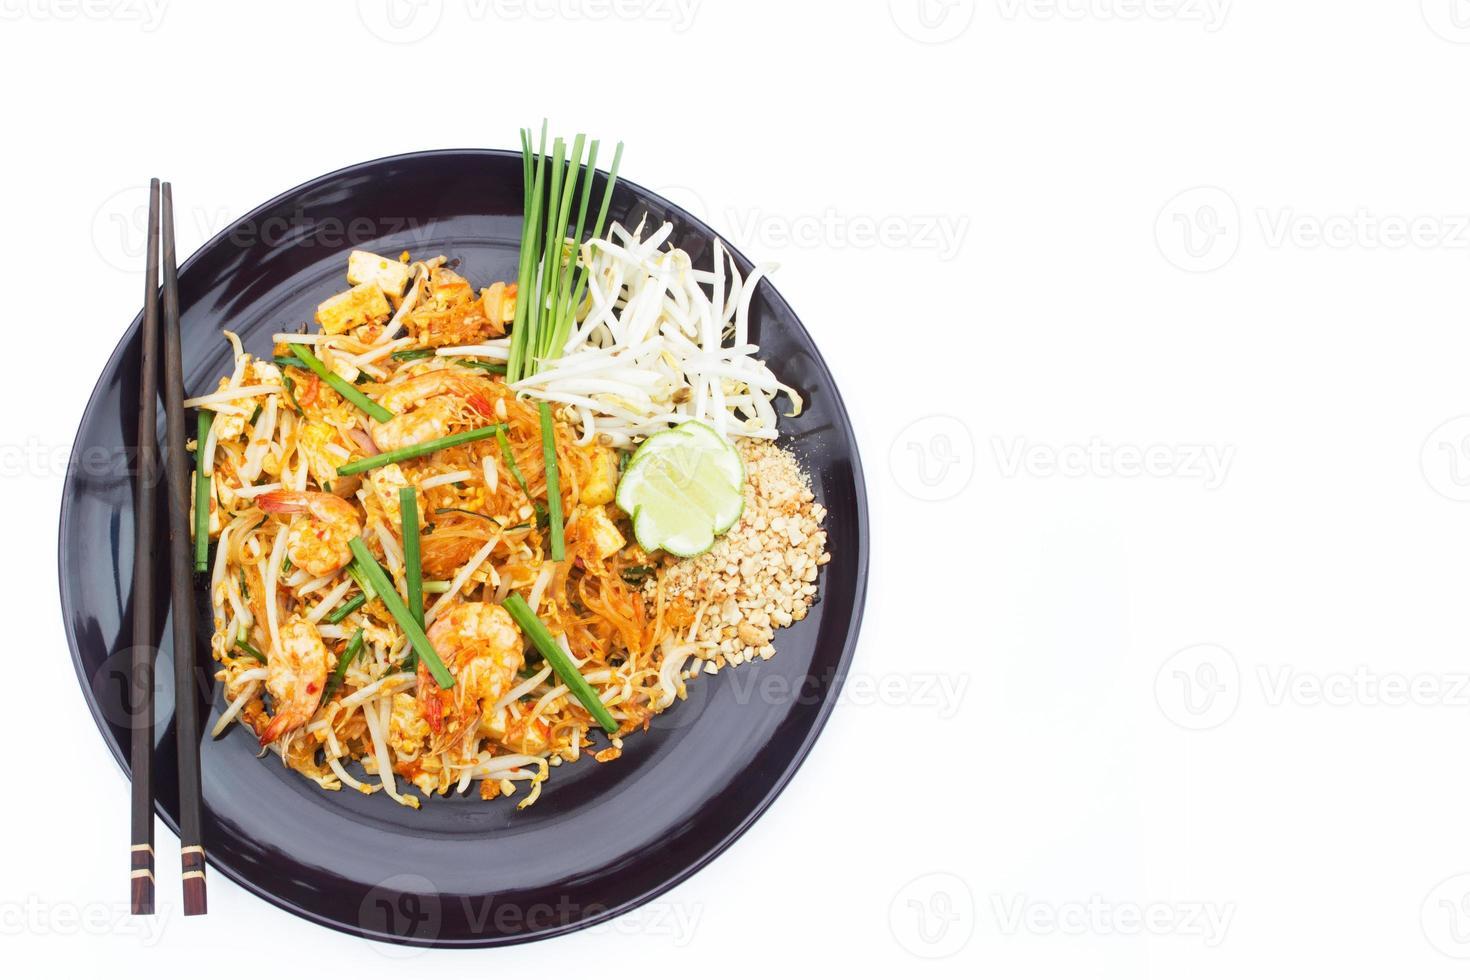 almofada de comida tailandesa tailandesa. foto